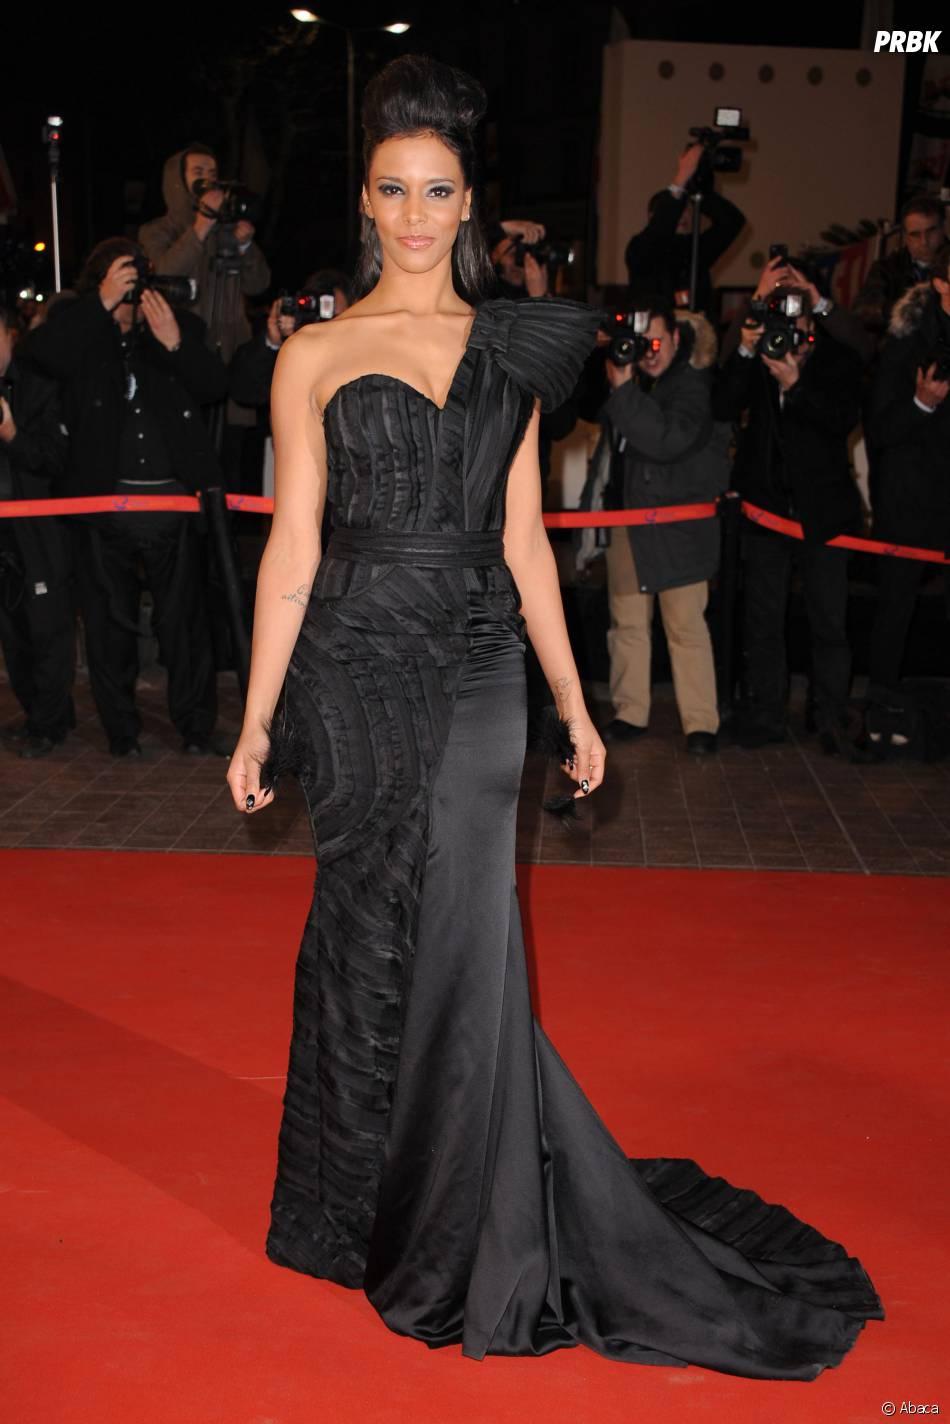 Shy'm en robe noire sobre sur le tapis rouge des NRJ Music Awards en 2011